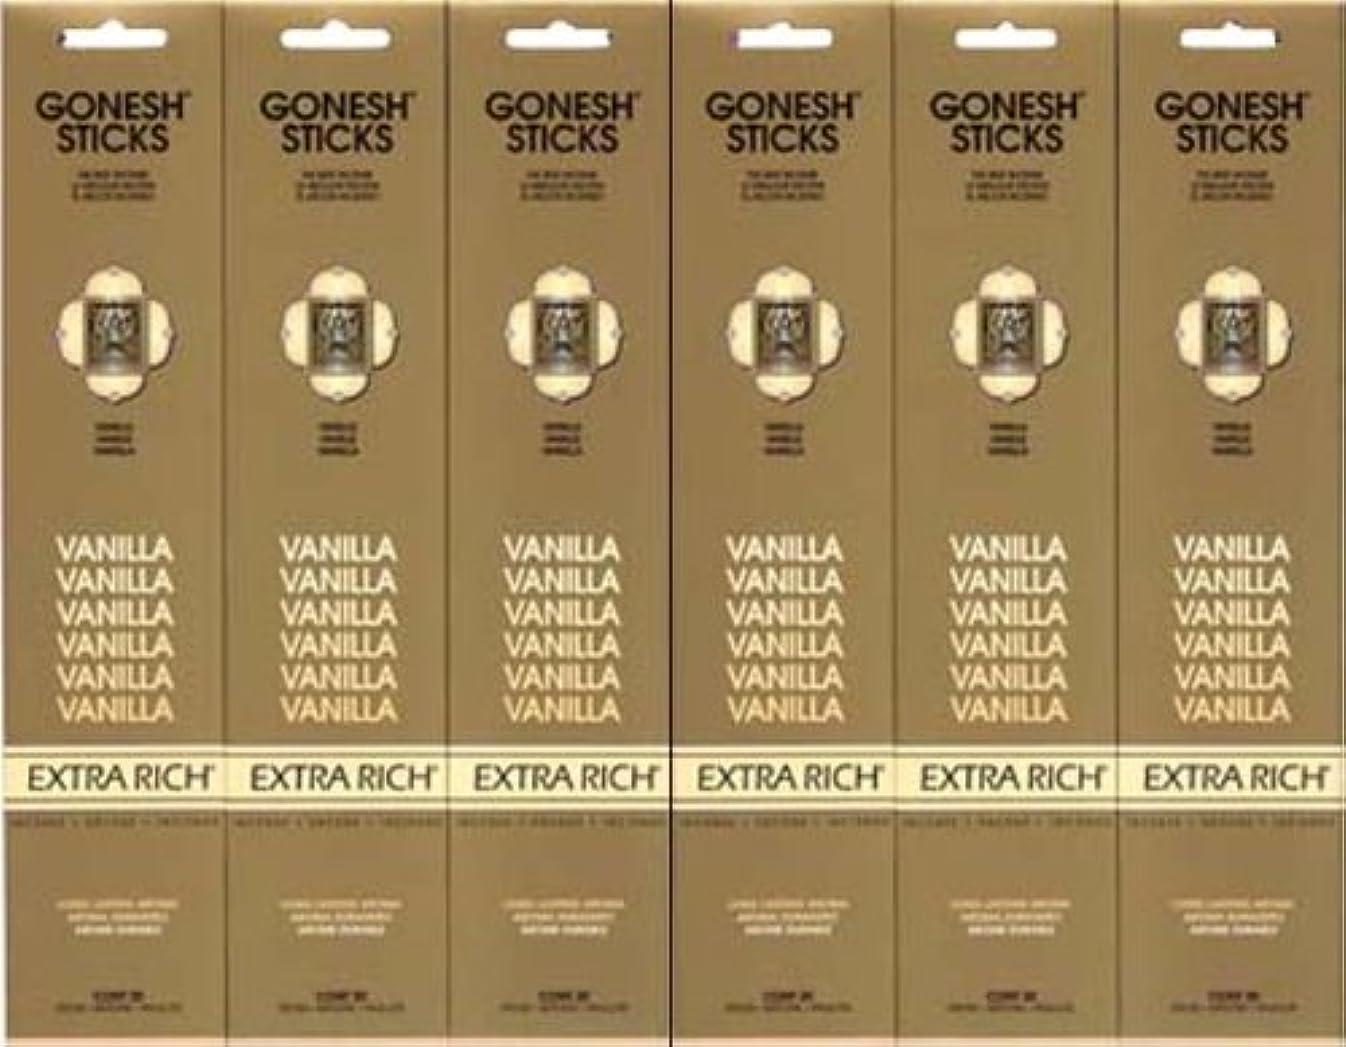 エミュレーションコース速度GONESH  VANILLA バニラ  20本入り X 6パック (120本)